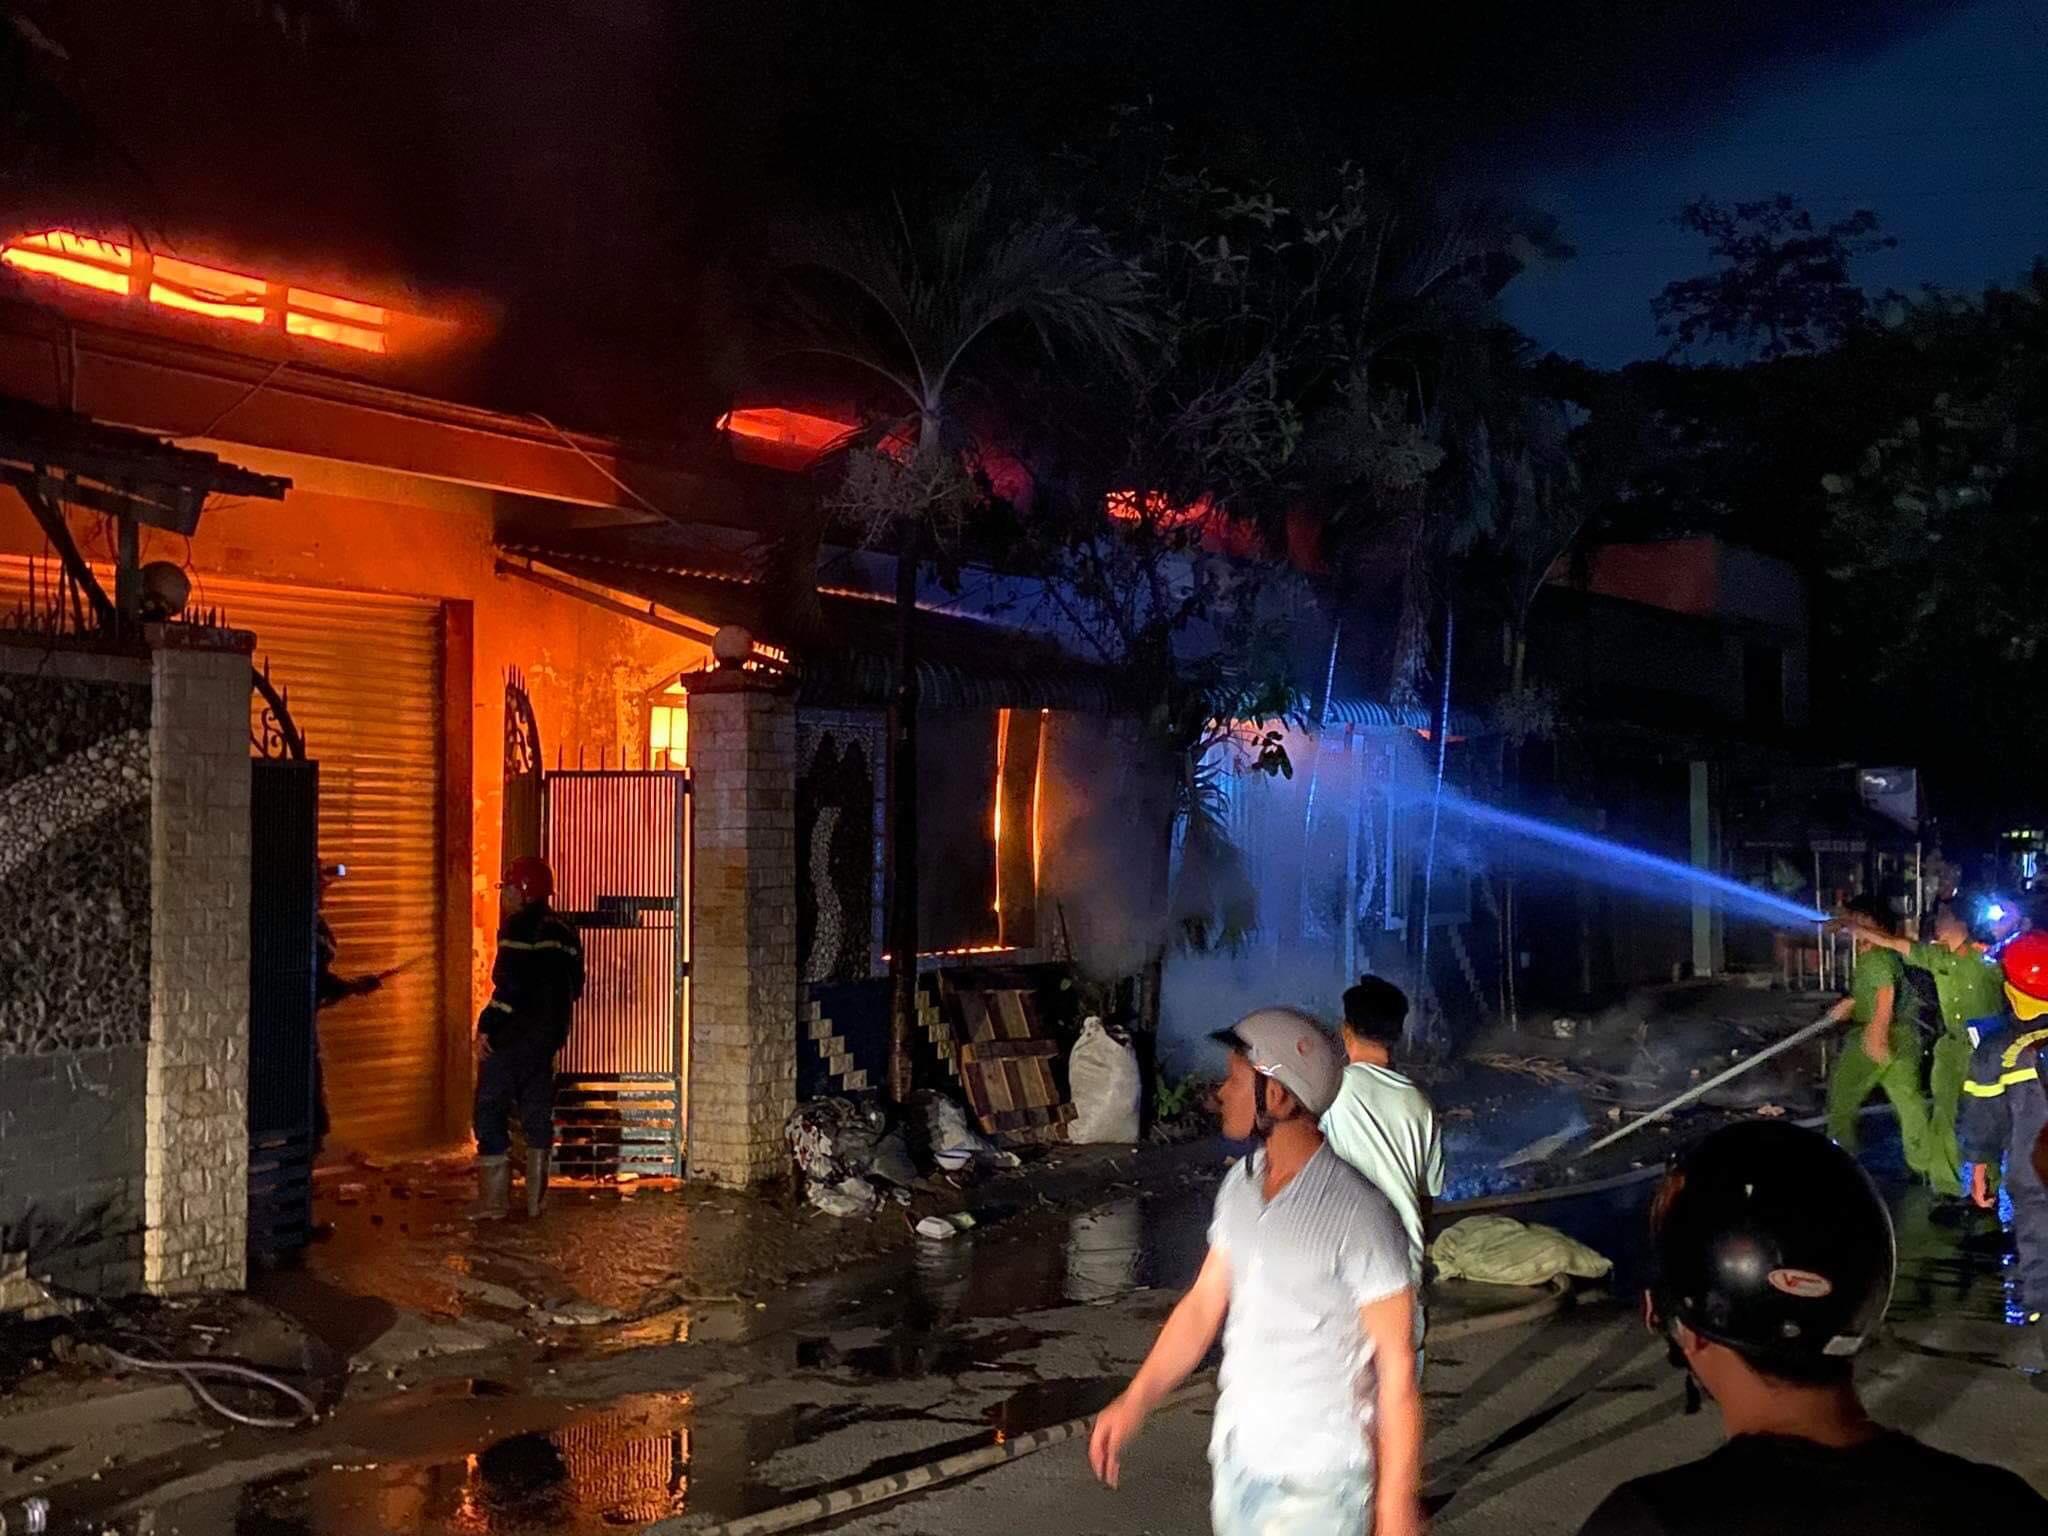 Đang cháy lớn tại kho chứa vải ở Sài Gòn - 1